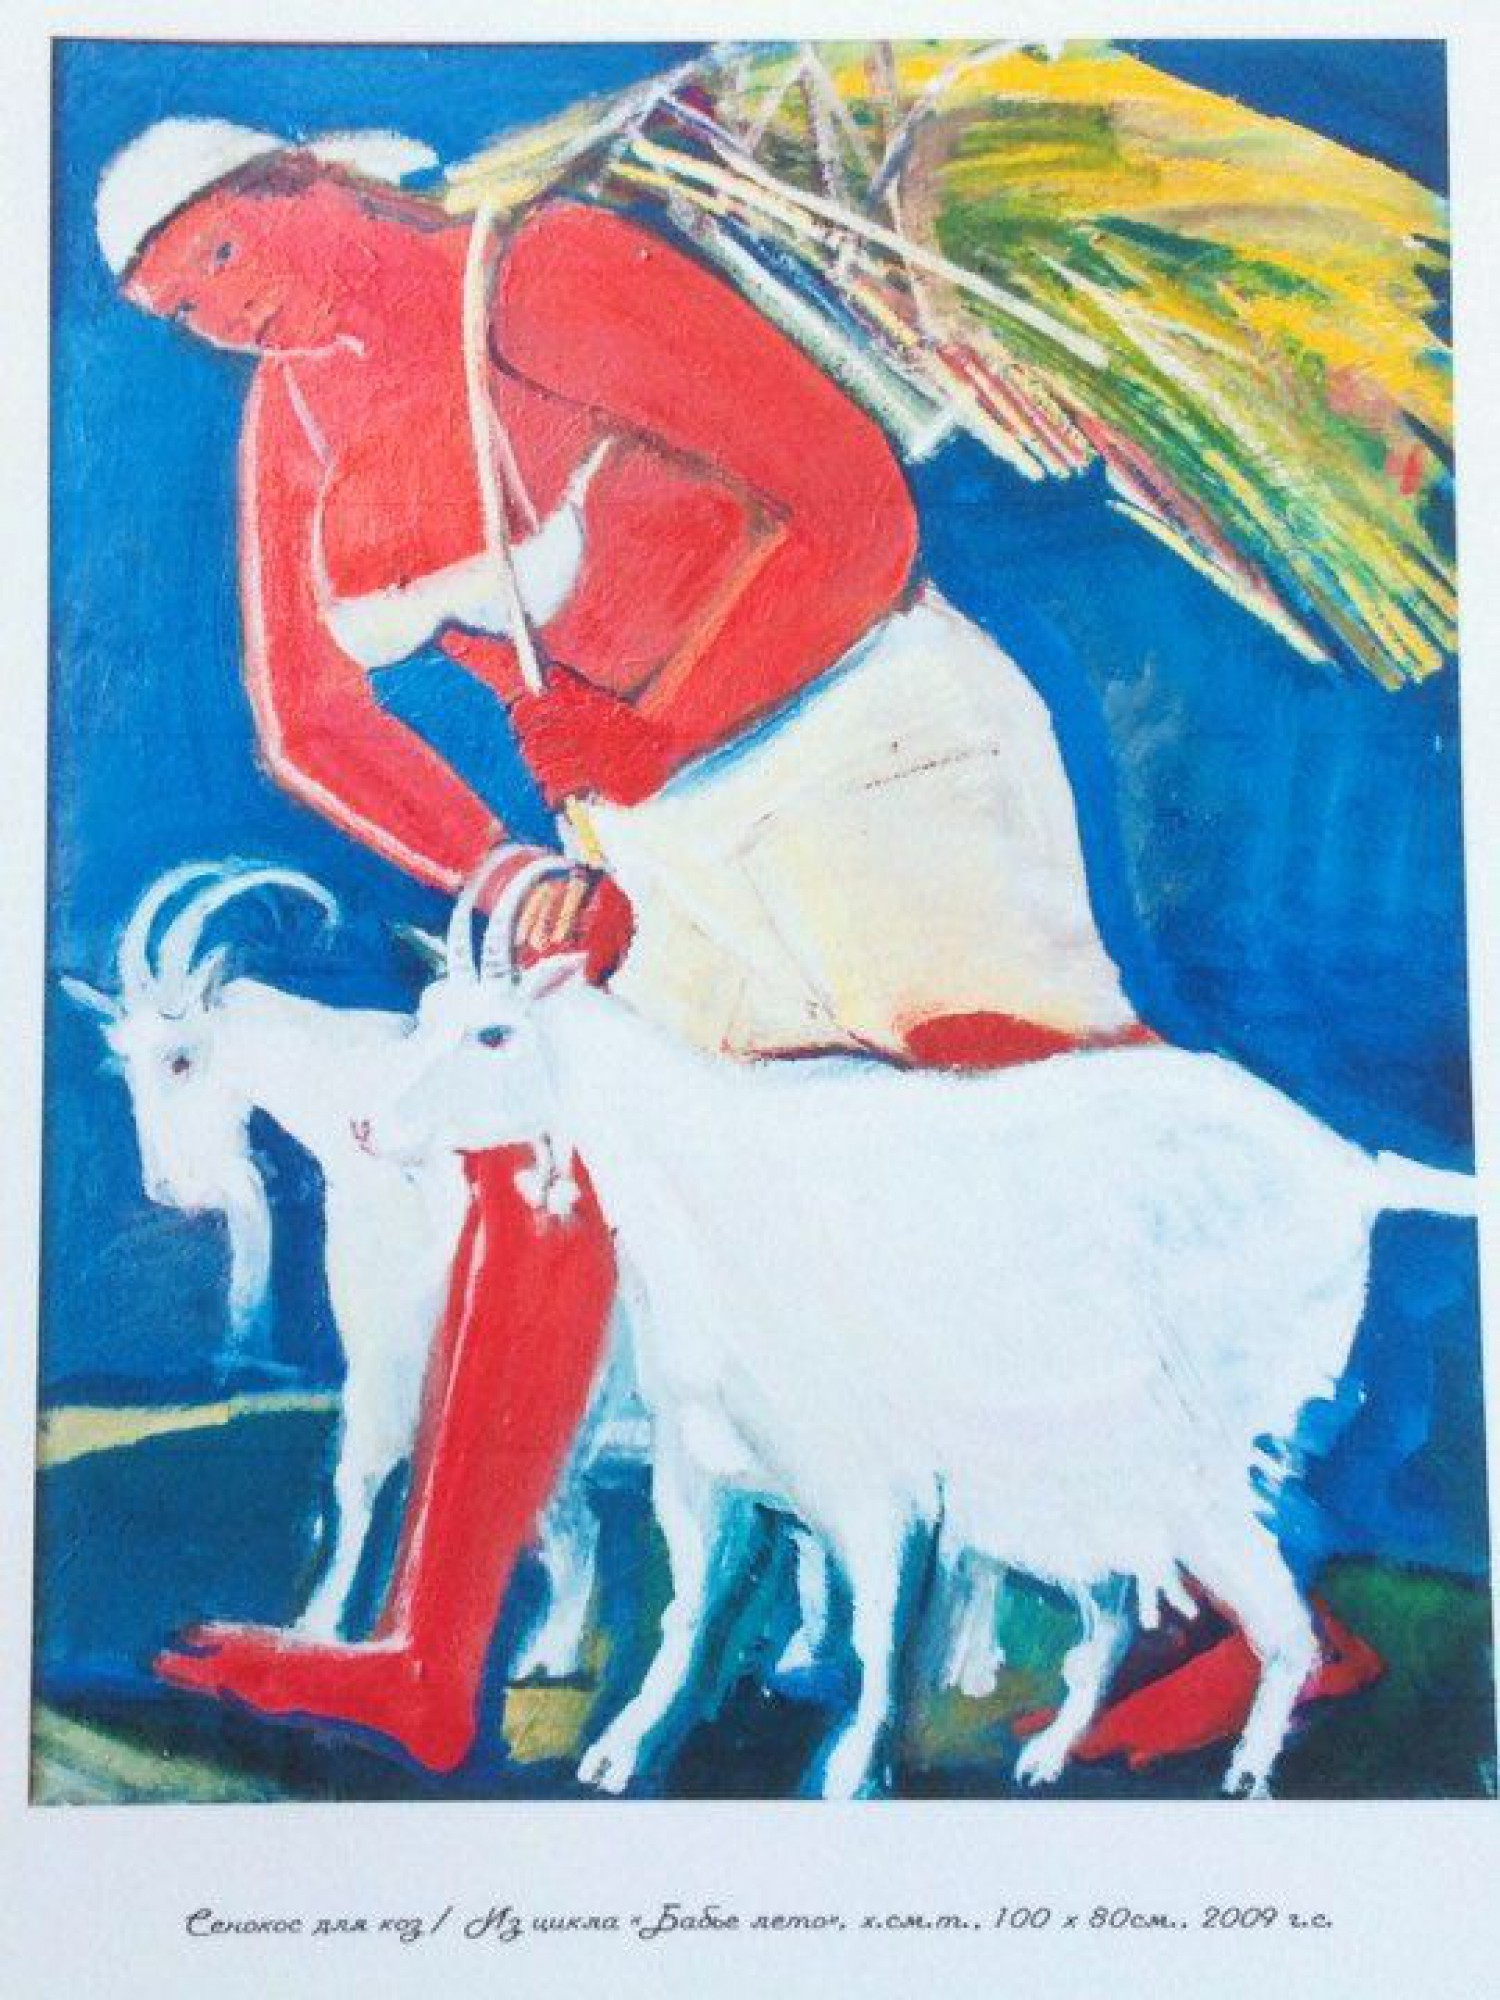 """Е.Ф.Мухина. Сенокос для коз (из цикла """"Бабье лето""""). Х., см. техн. 100х80. 2009 г."""